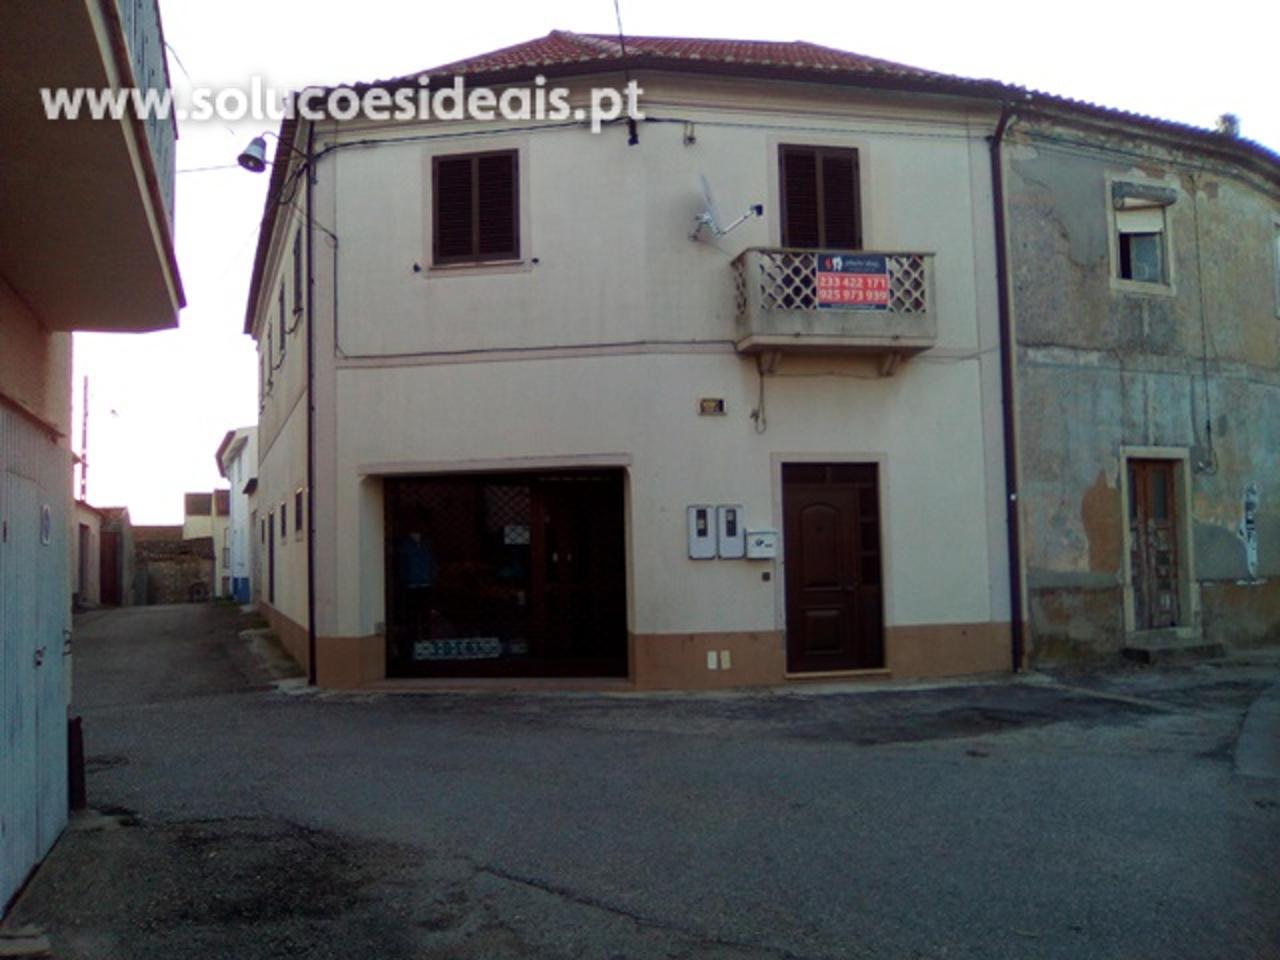 loja t3 para venda em montemor o velho 95653 FIGAV2350_1